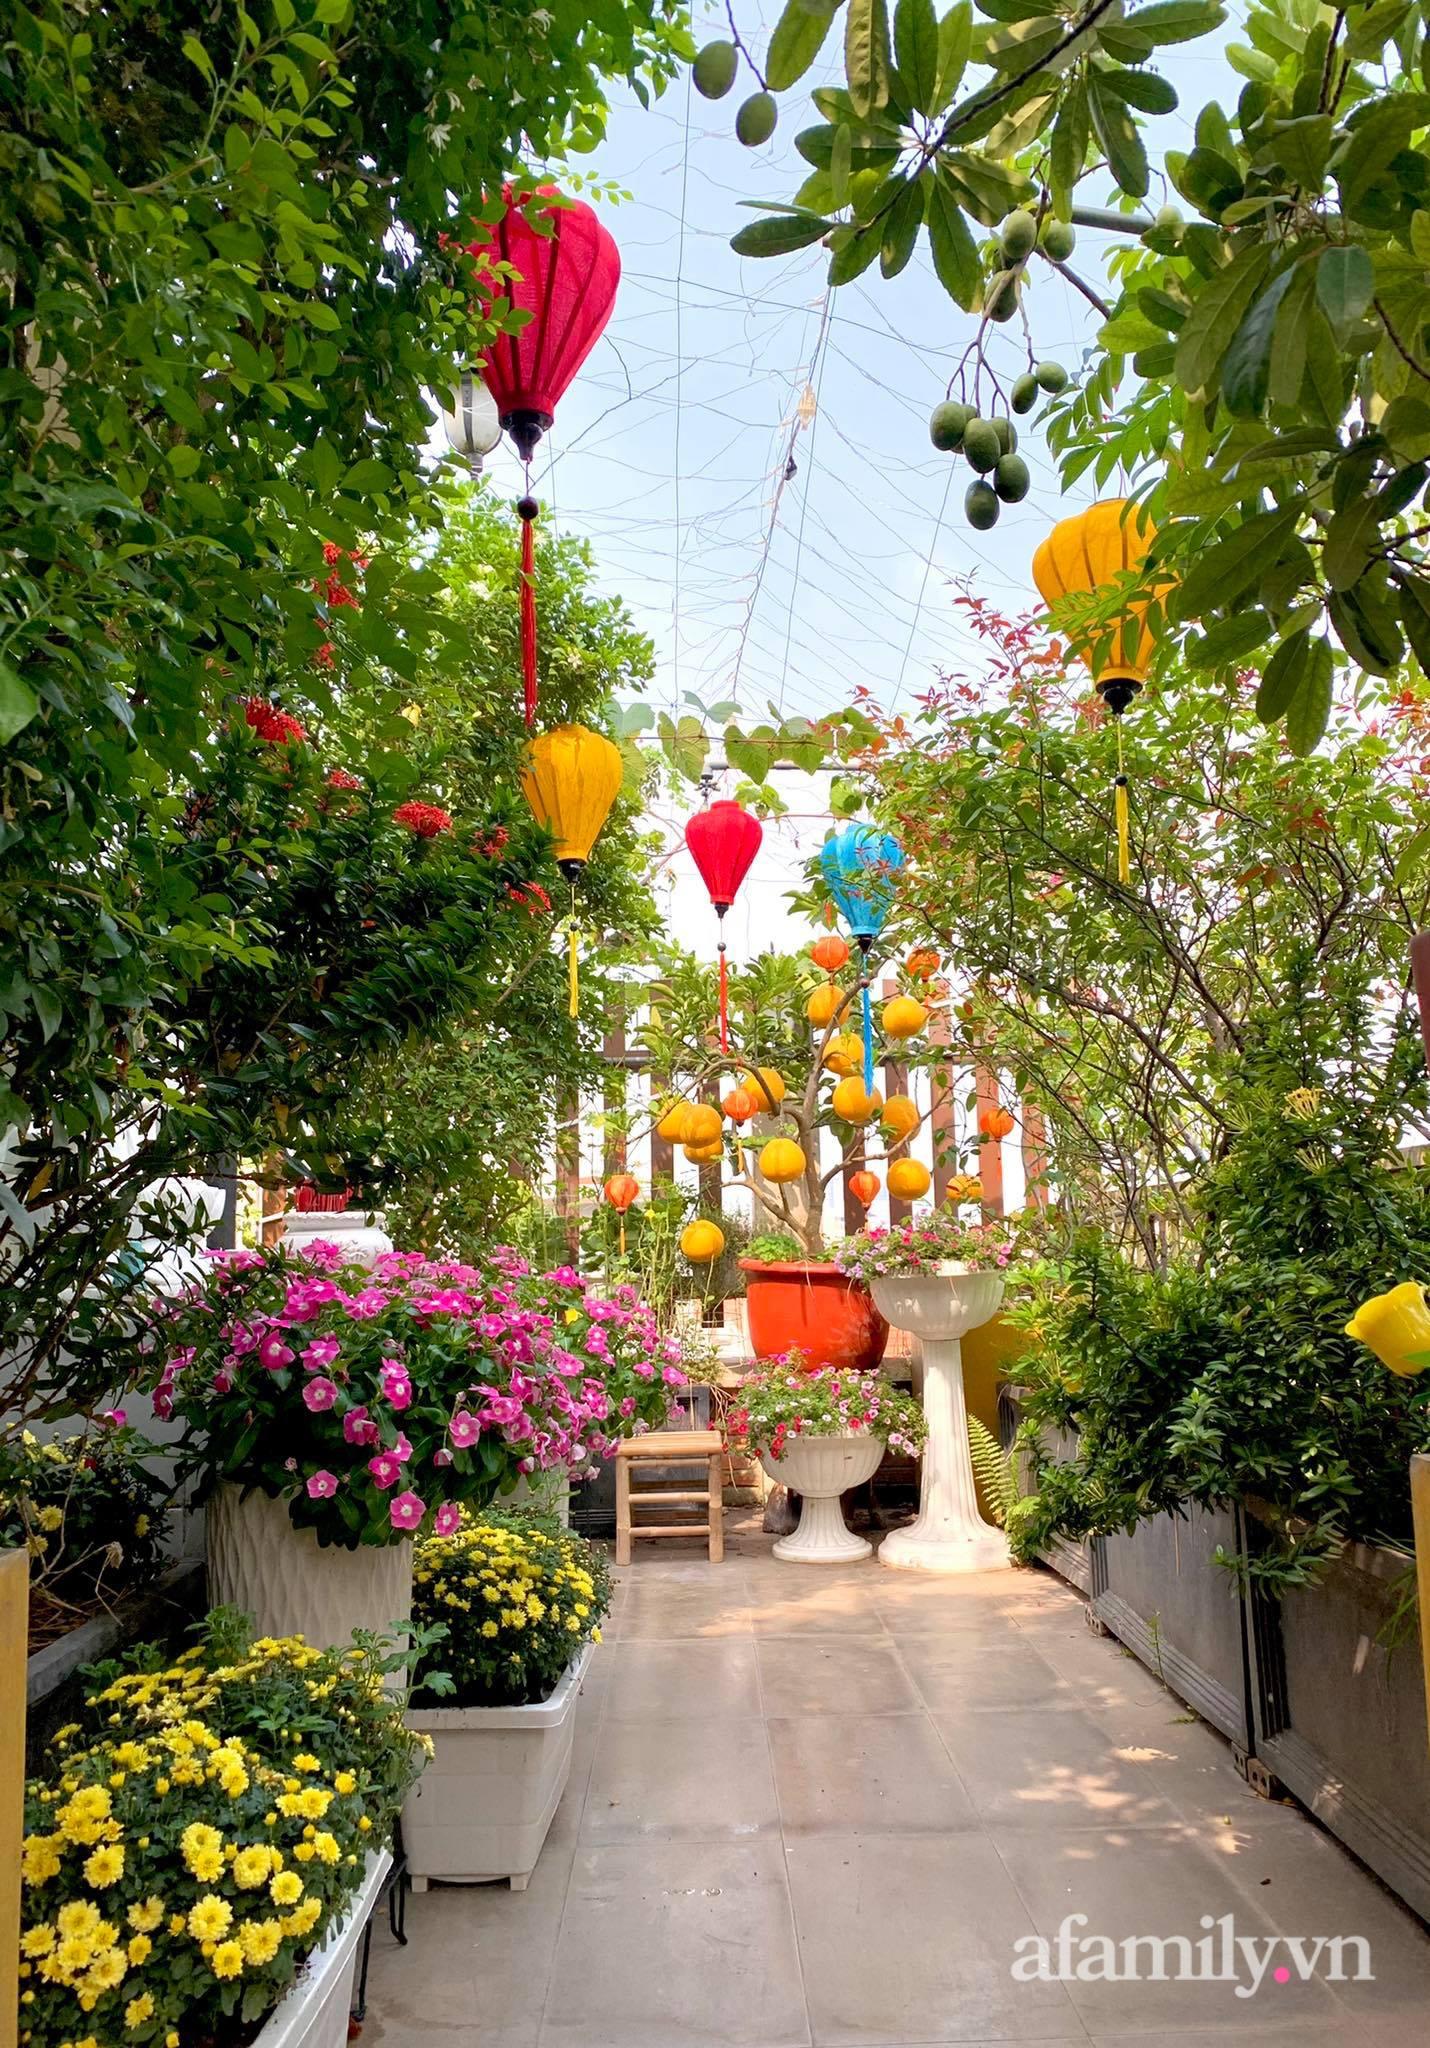 Mùng 1 đầu năm cùng ghé thăm sân thượng mang sắc màu Tết truyền thống của mẹ đảm ở Sài Gòn-5